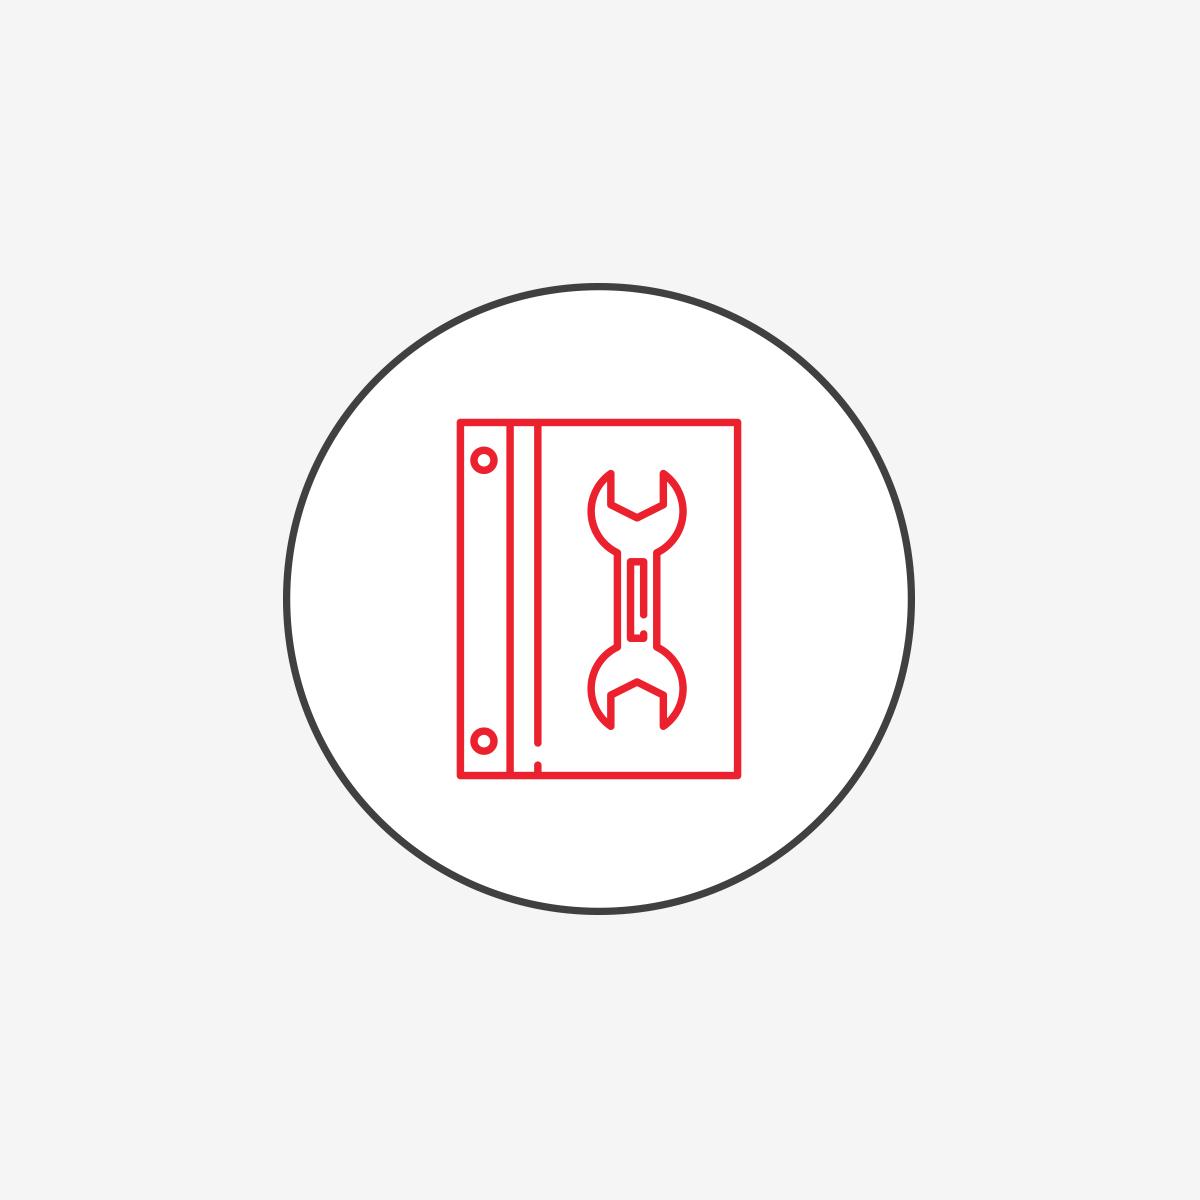 Manuali d'Uso e Manutenzione